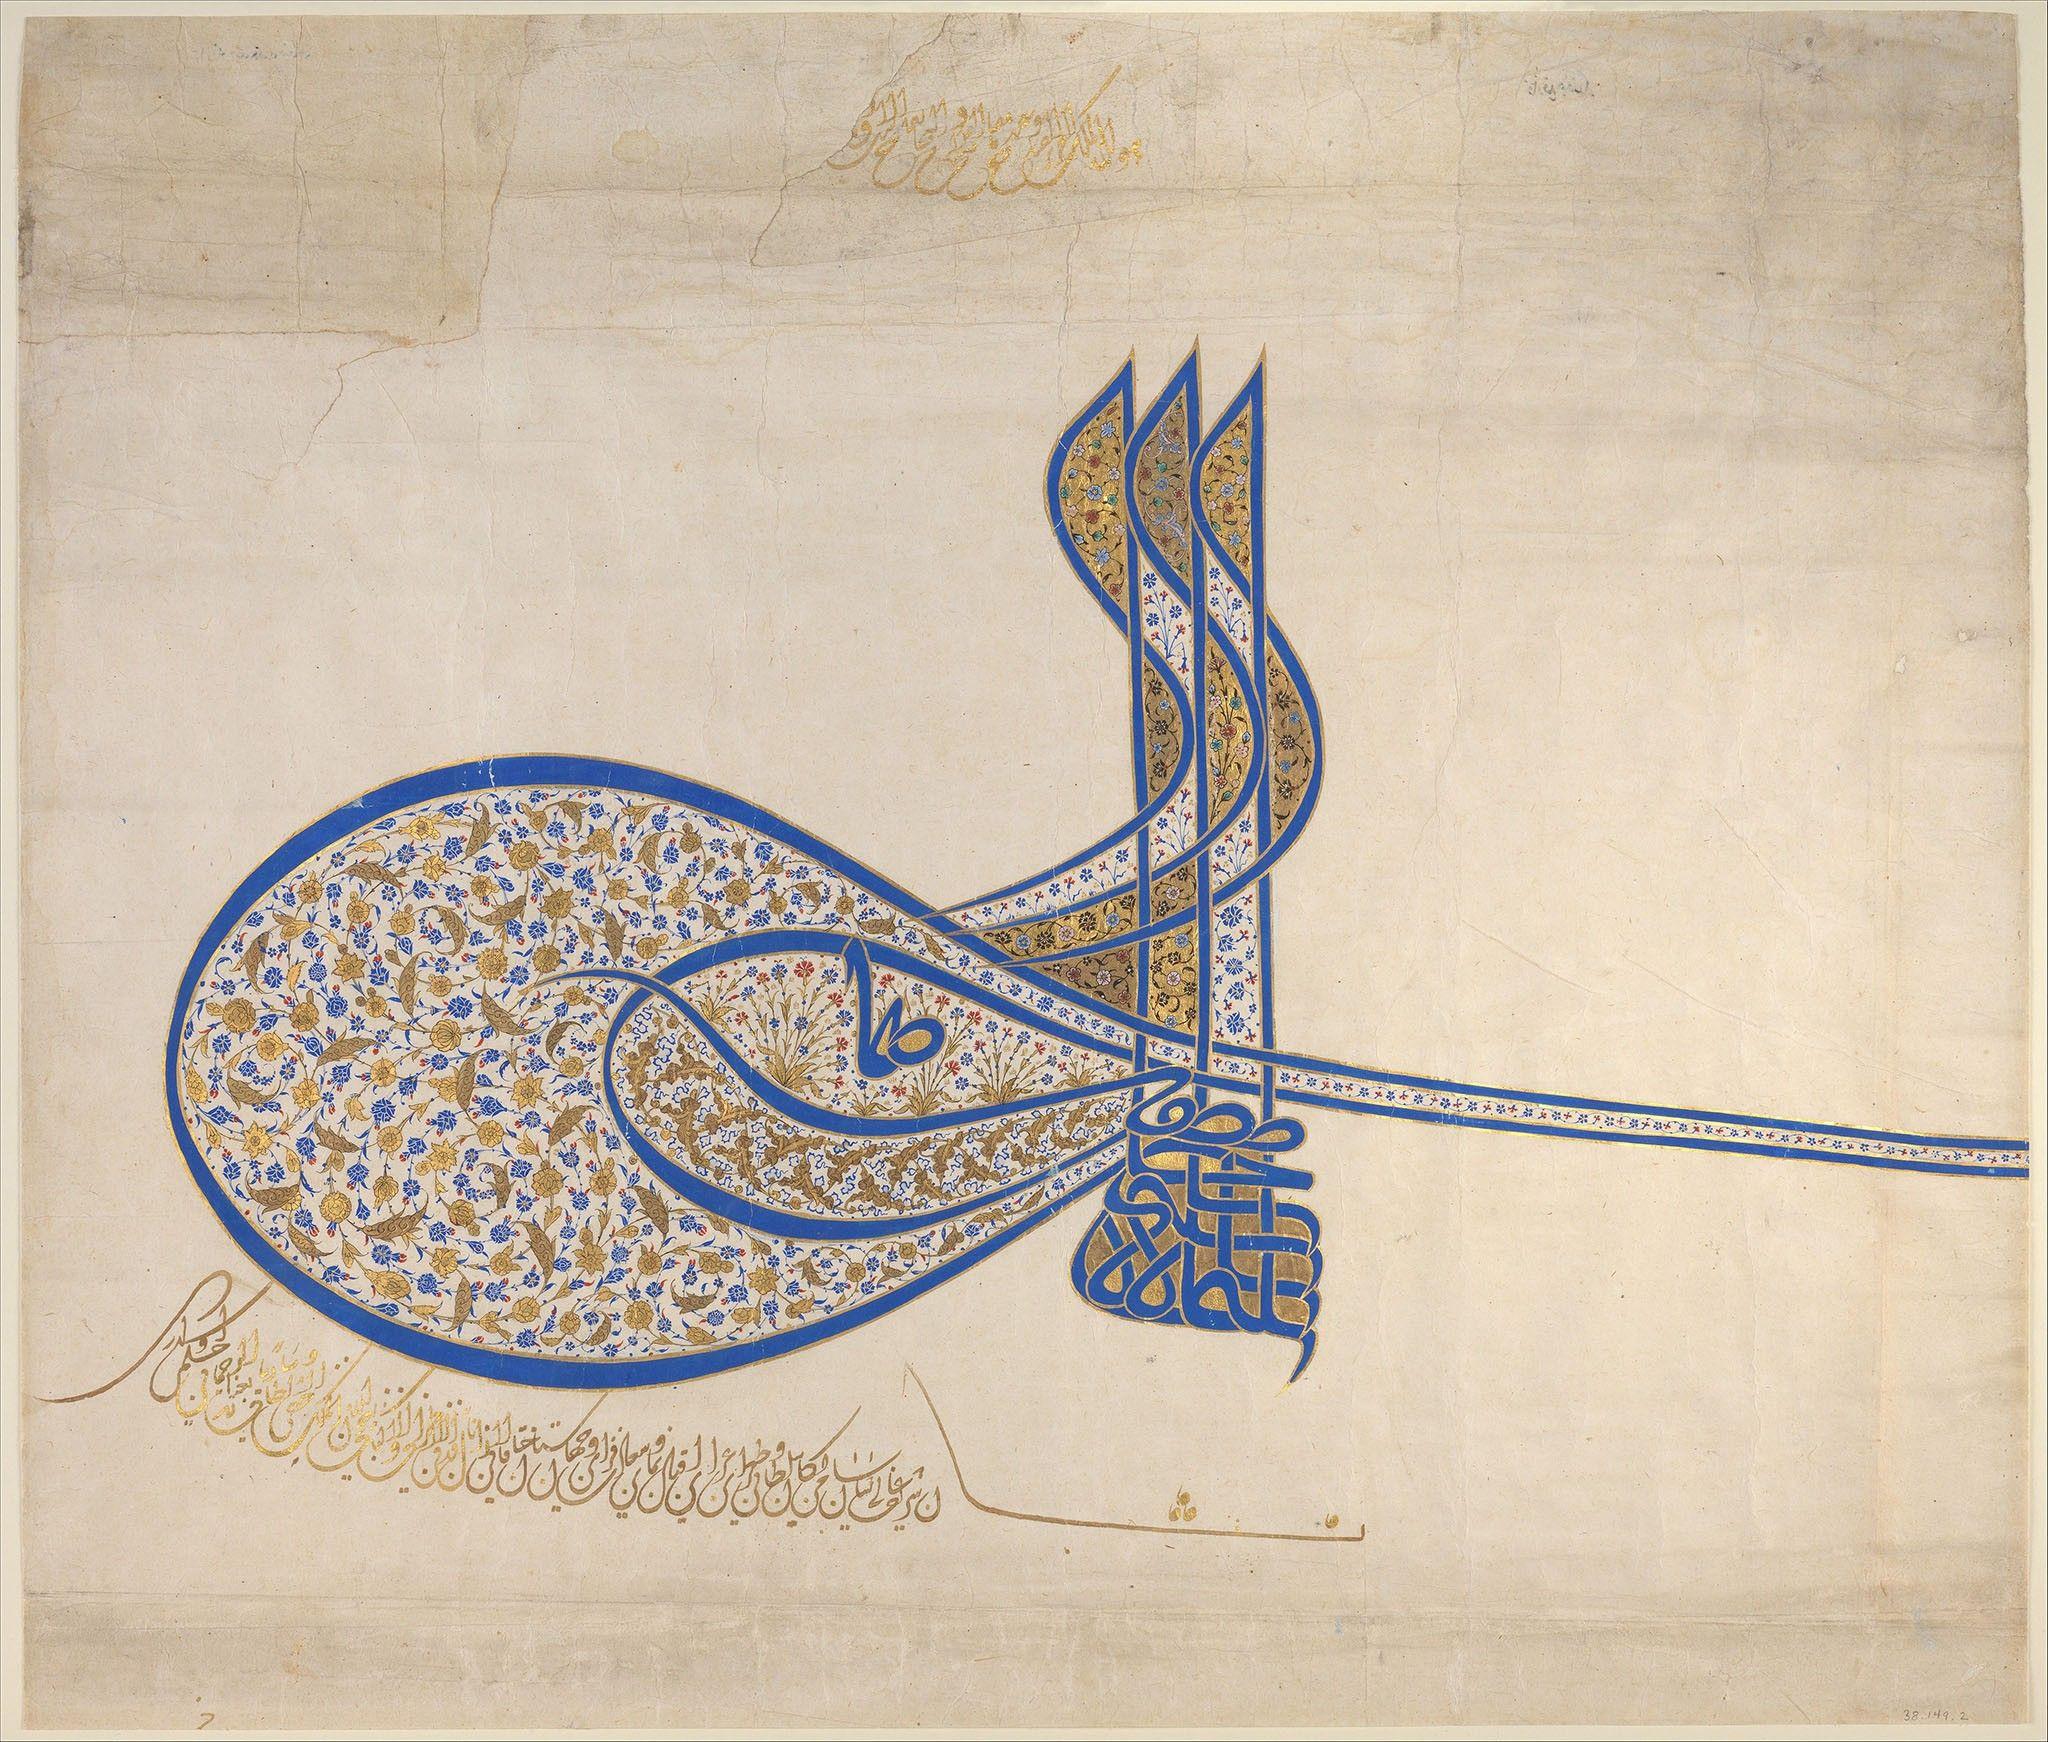 Comment le puissant Empire ottoman s'est effondré avec fracas